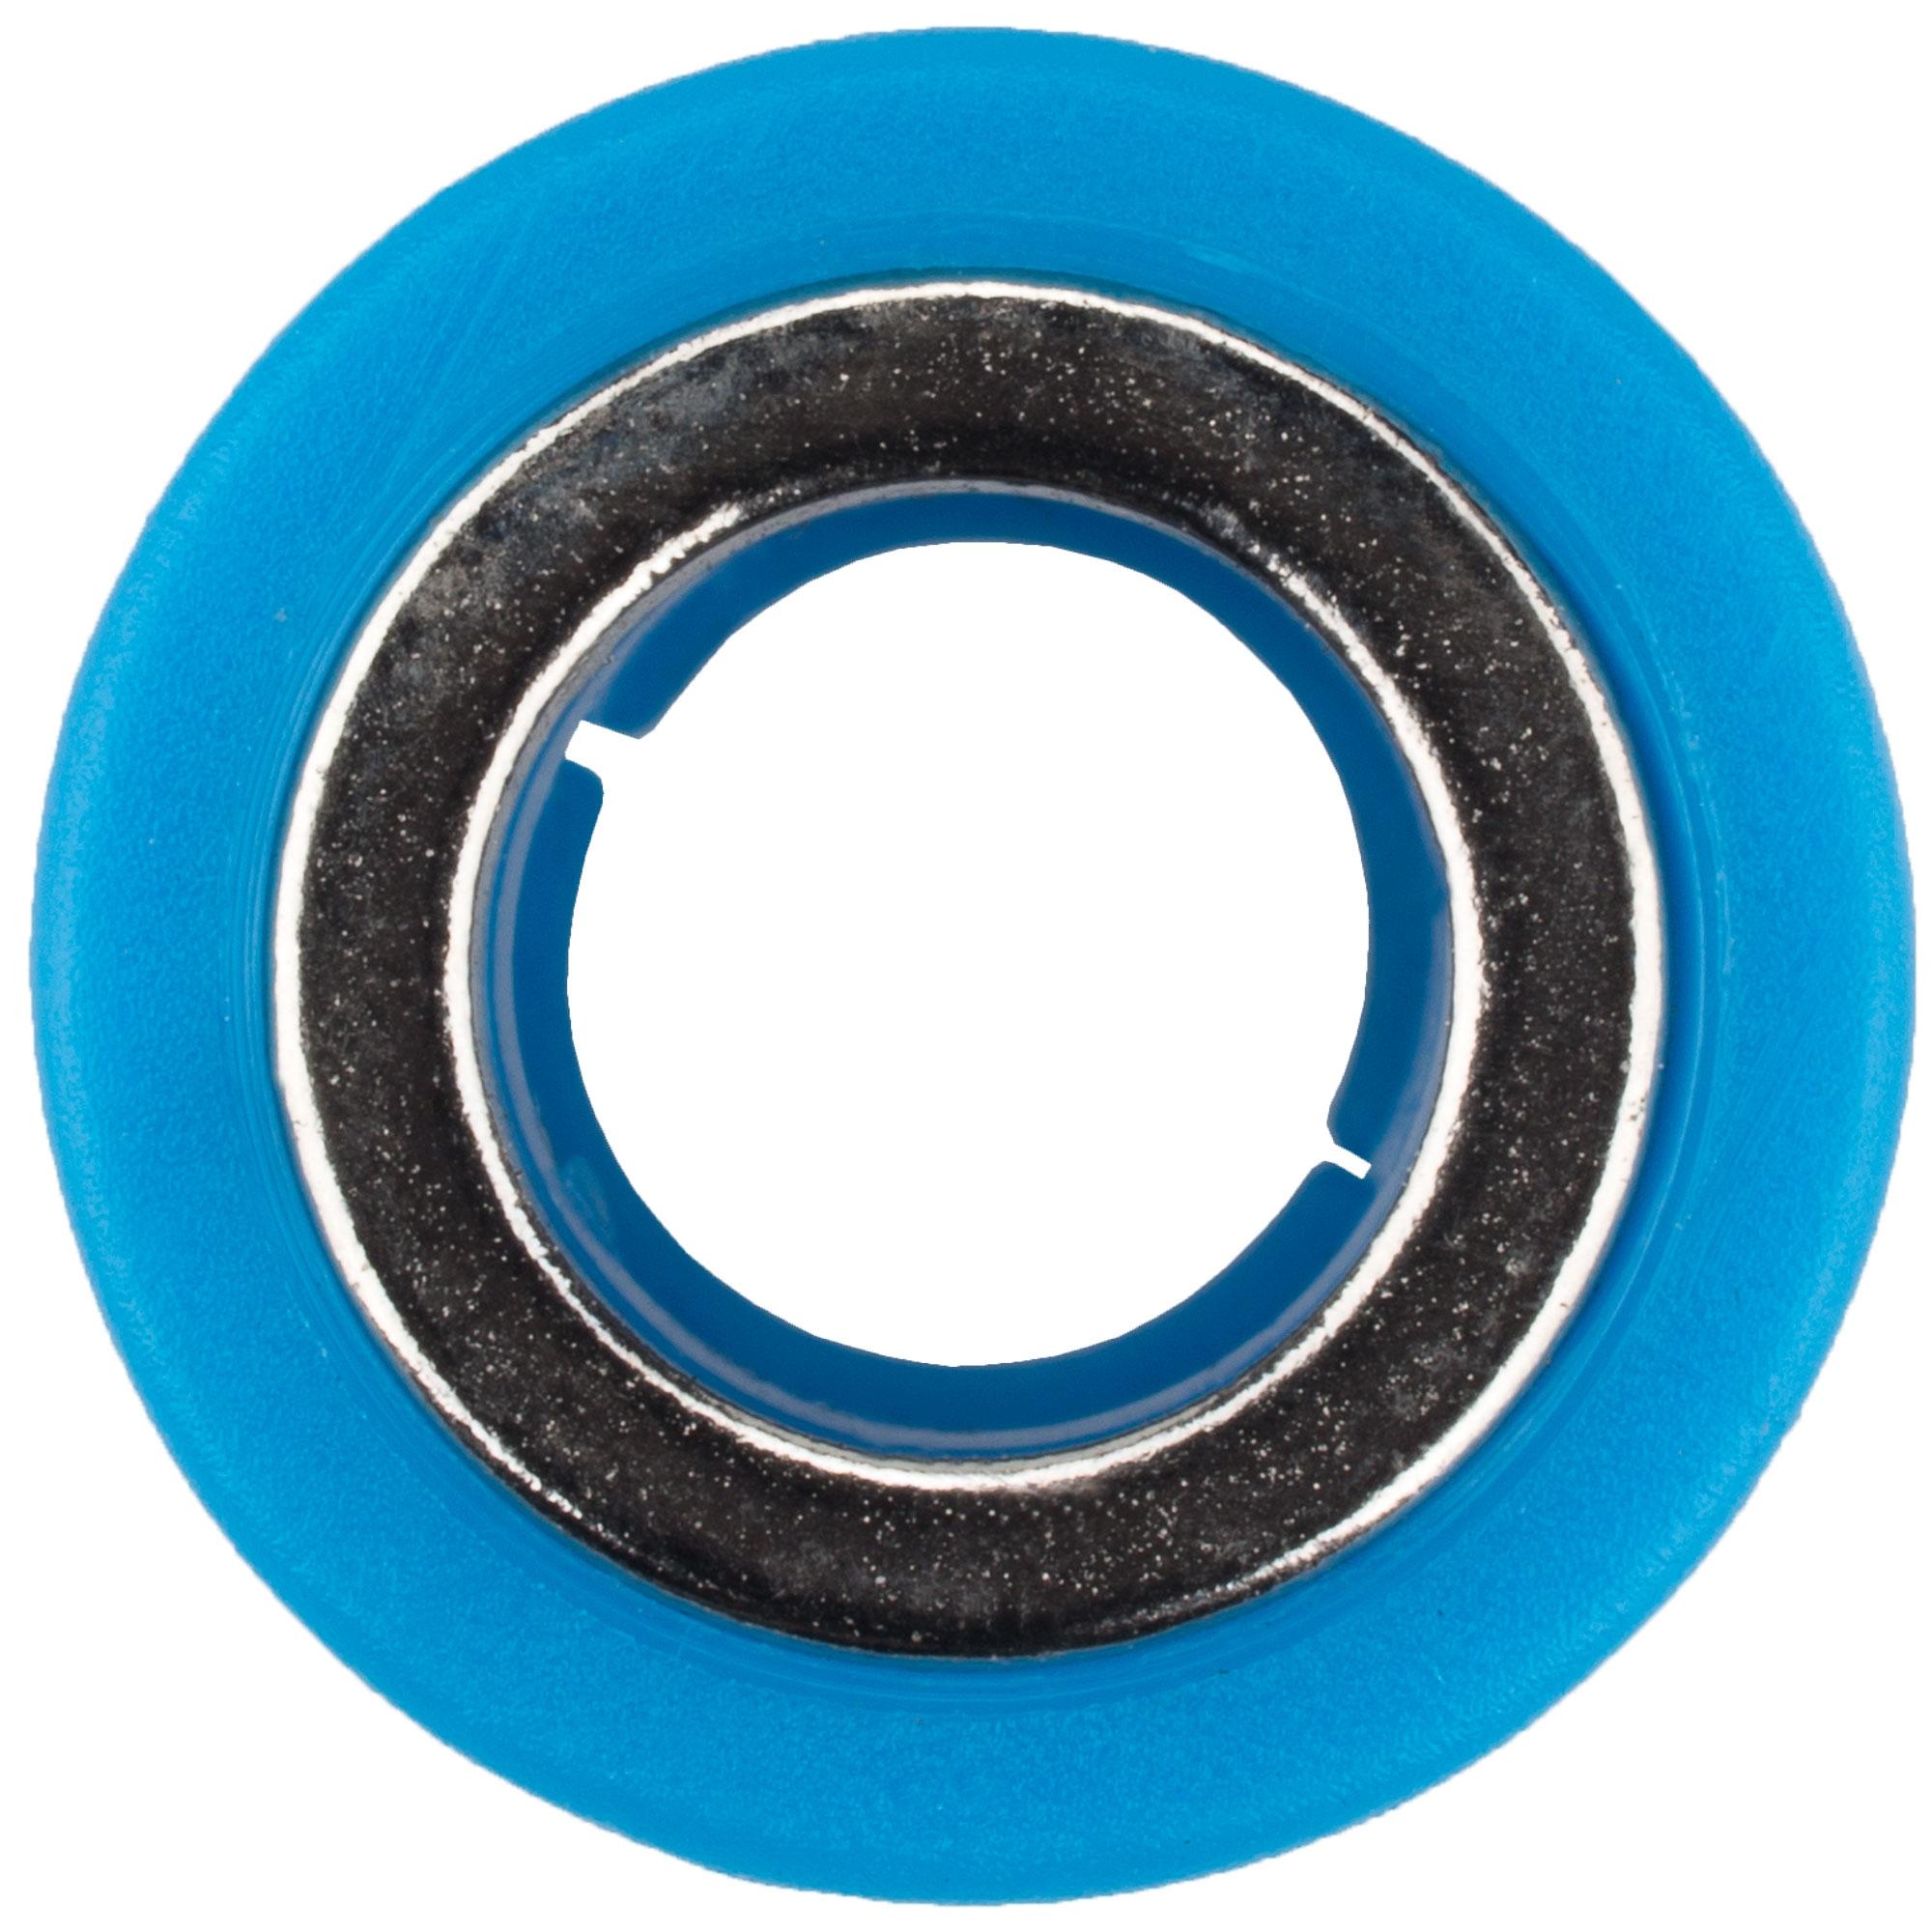 Narex SUPER LOCK-BLUE - Magnet